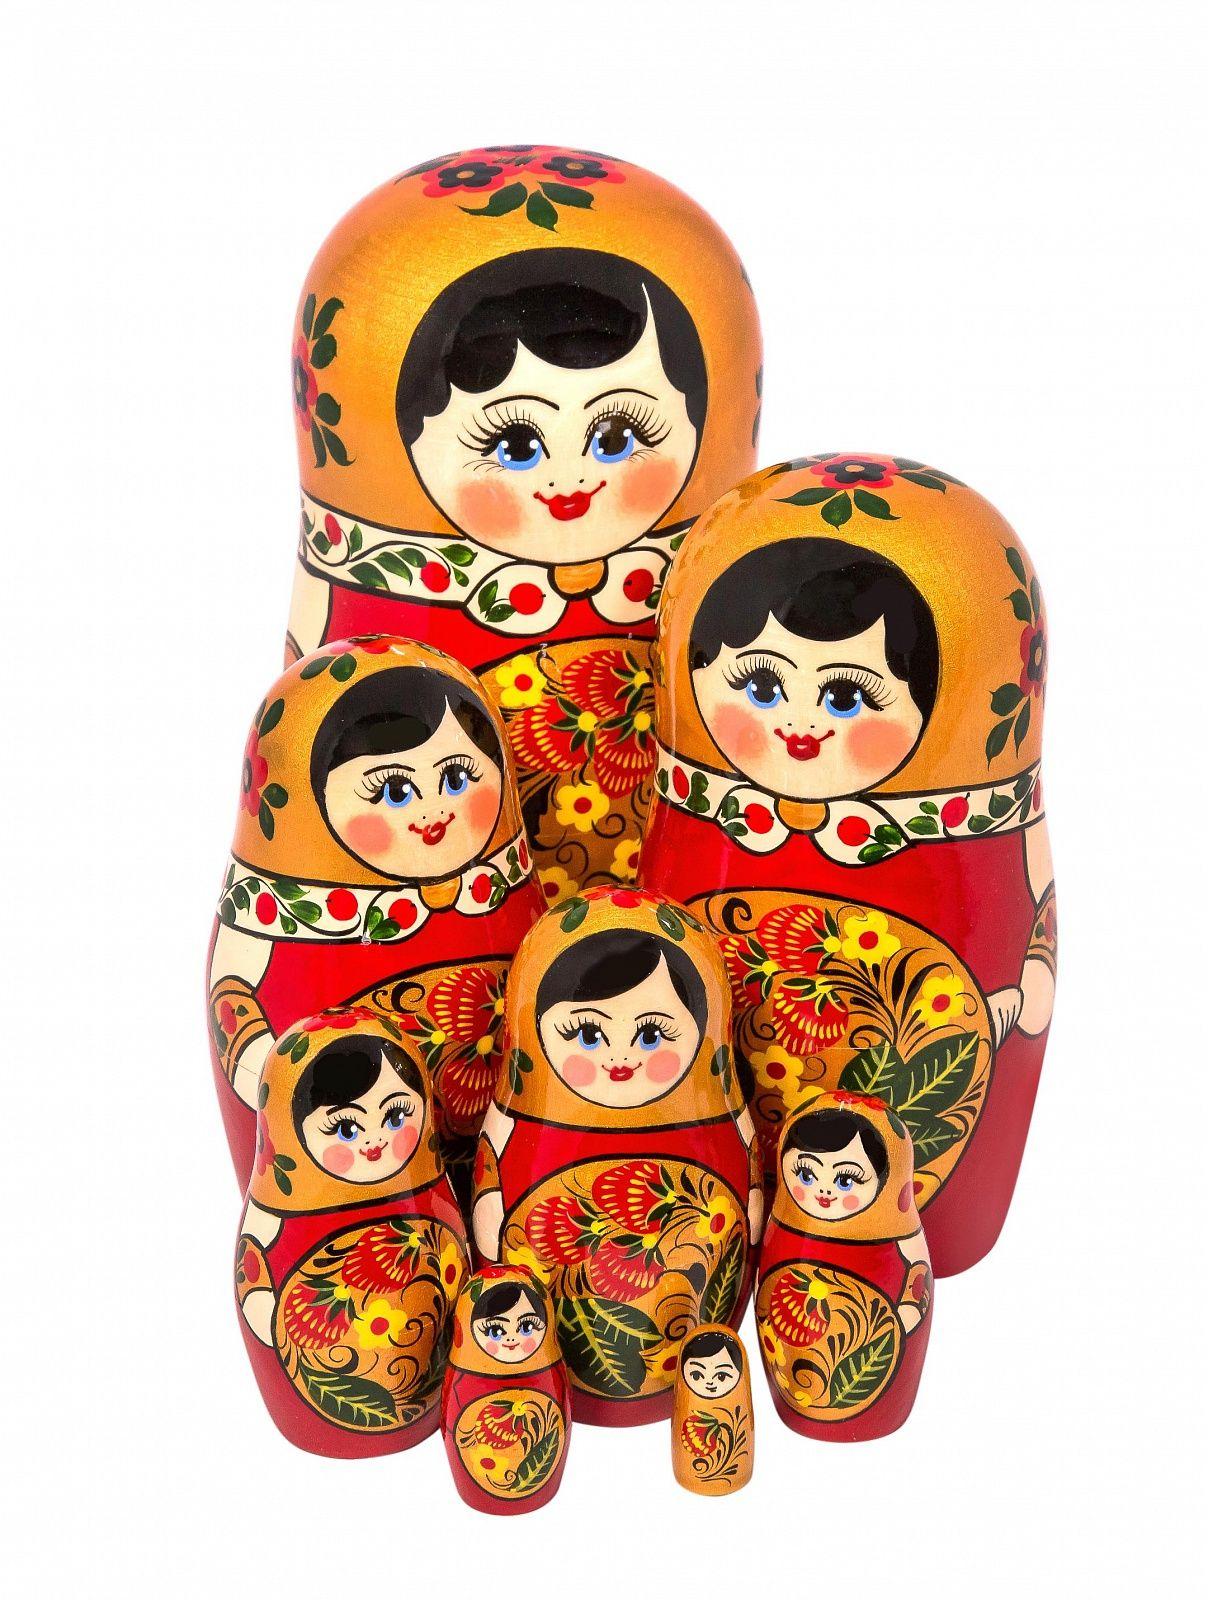 Khokhloma painting / Matryoshka Khokhloma 8 dolls